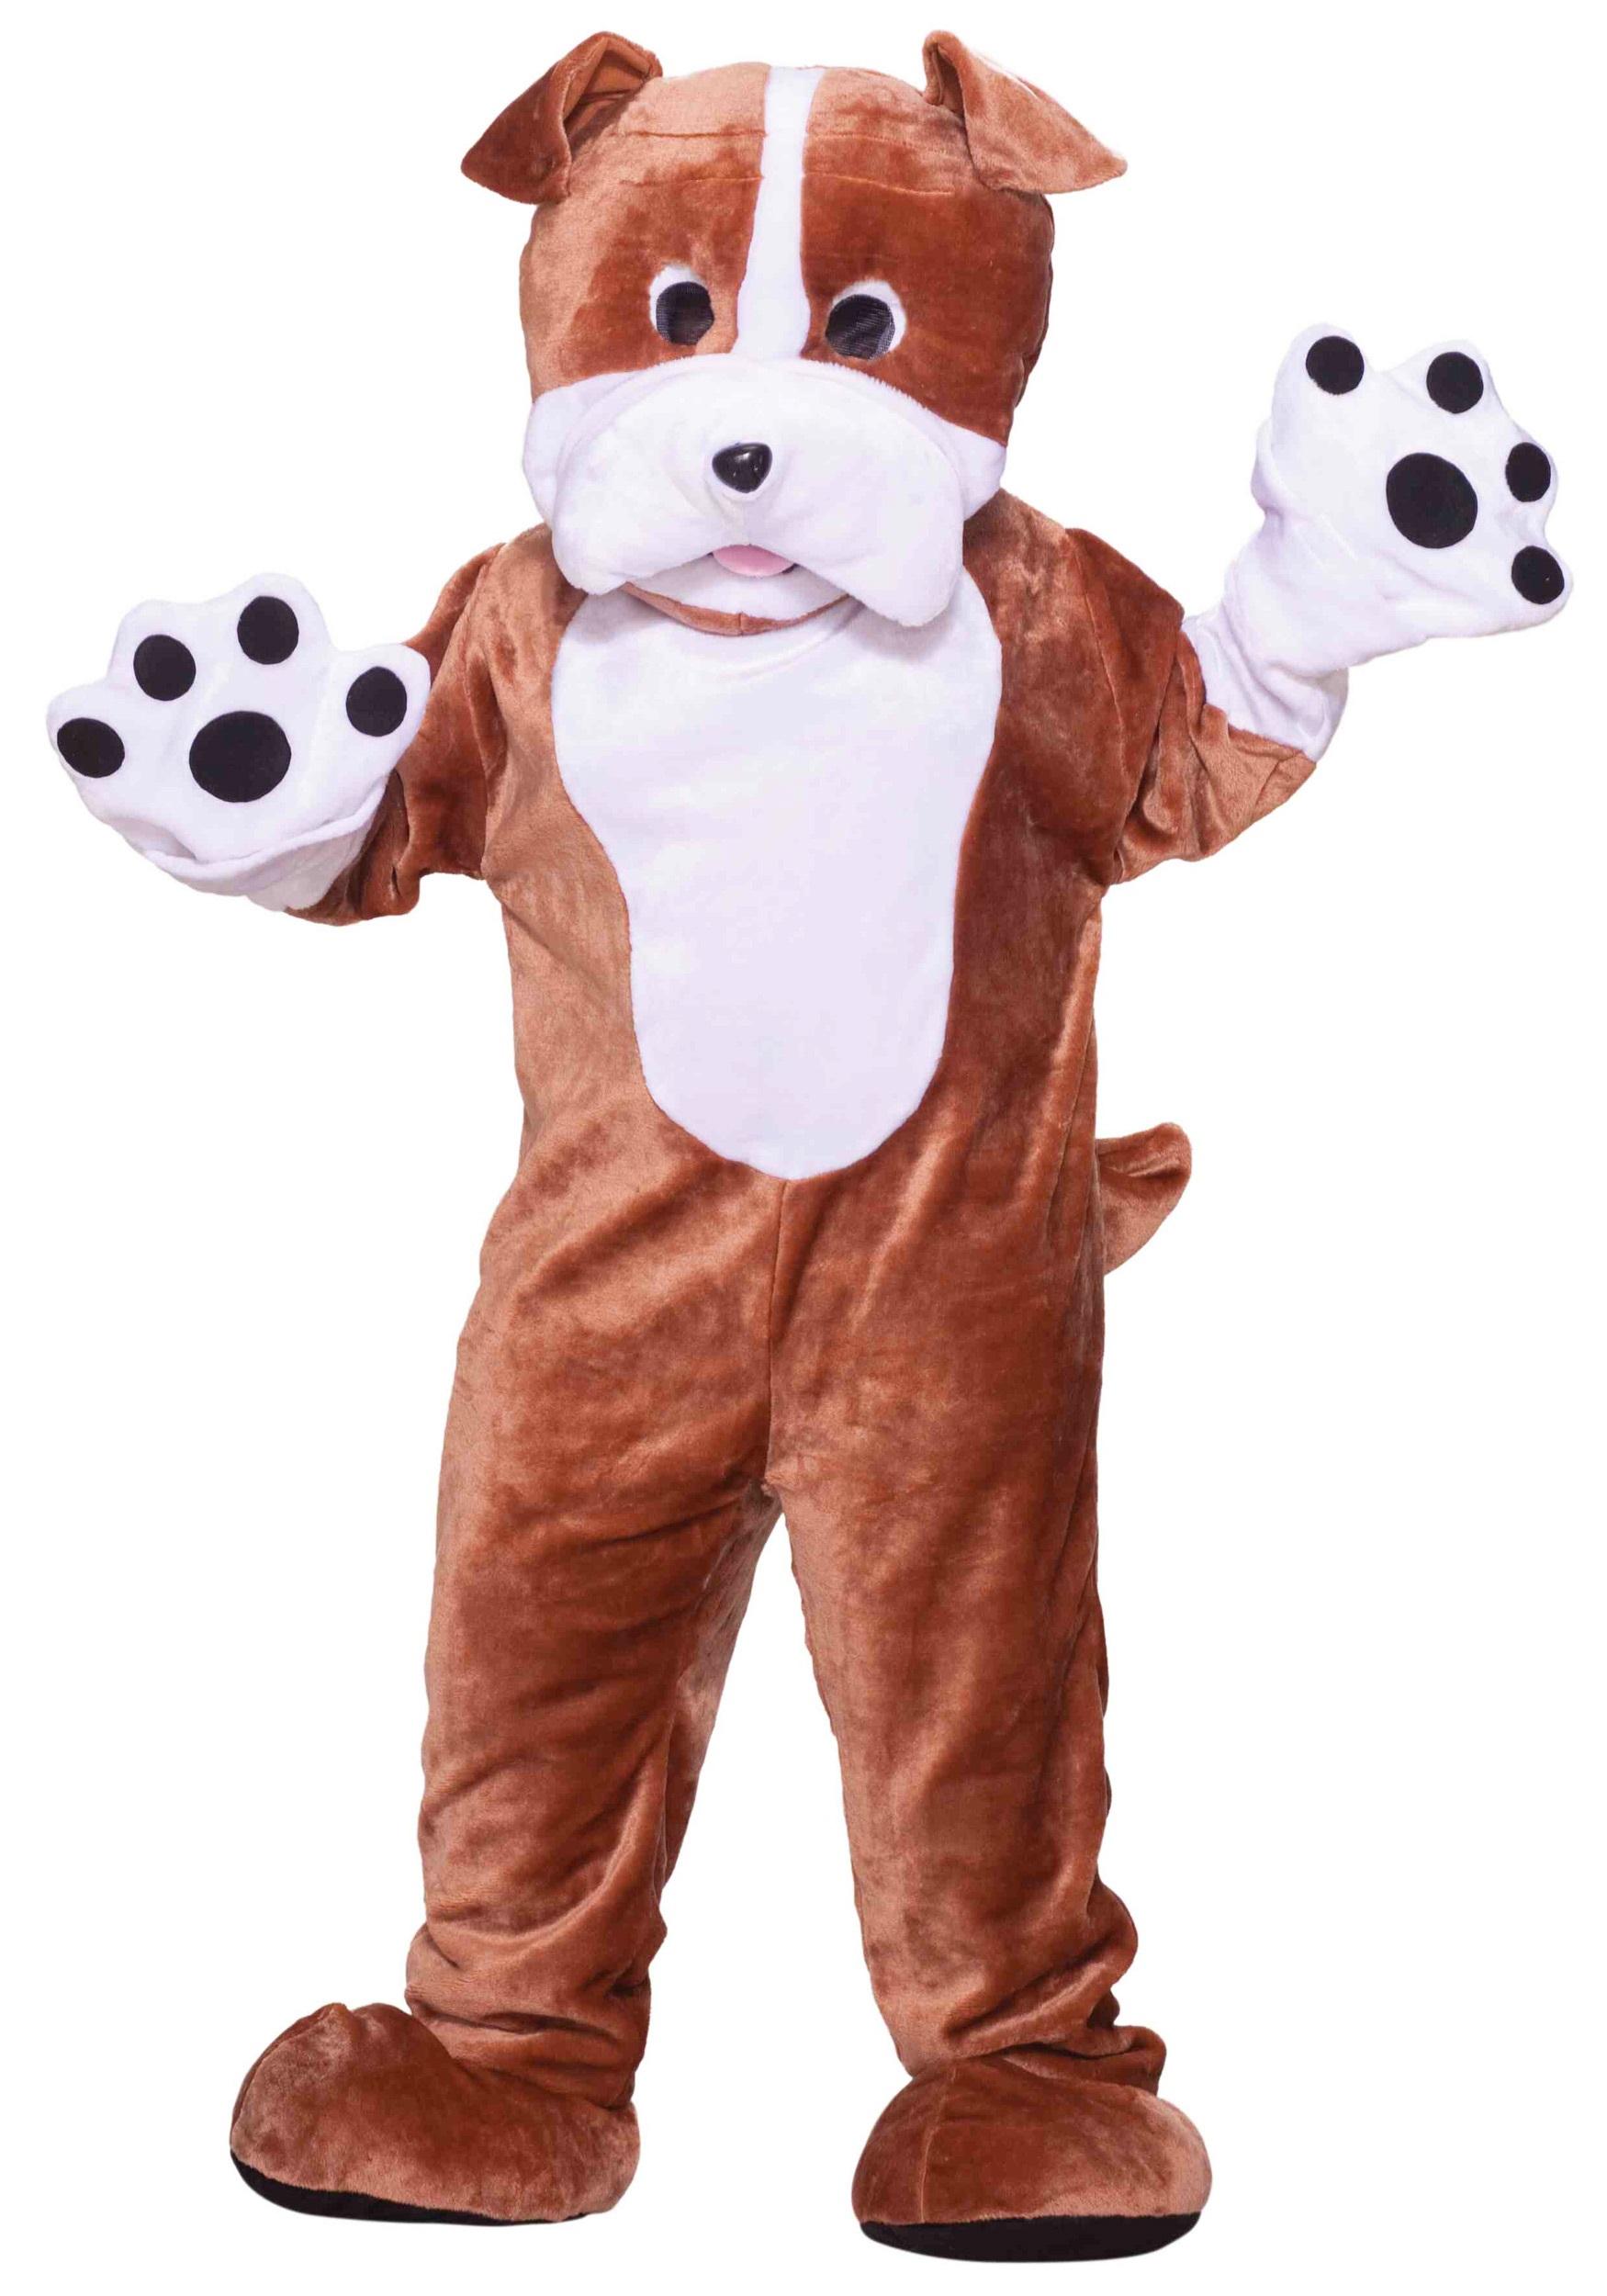 Plush Bulldog Mascot Costume  sc 1 st  Halloween Costumes 2018 at CostumeVip.com | Halloween Costume Ideas 2018 & Mascot Halloween Costumes